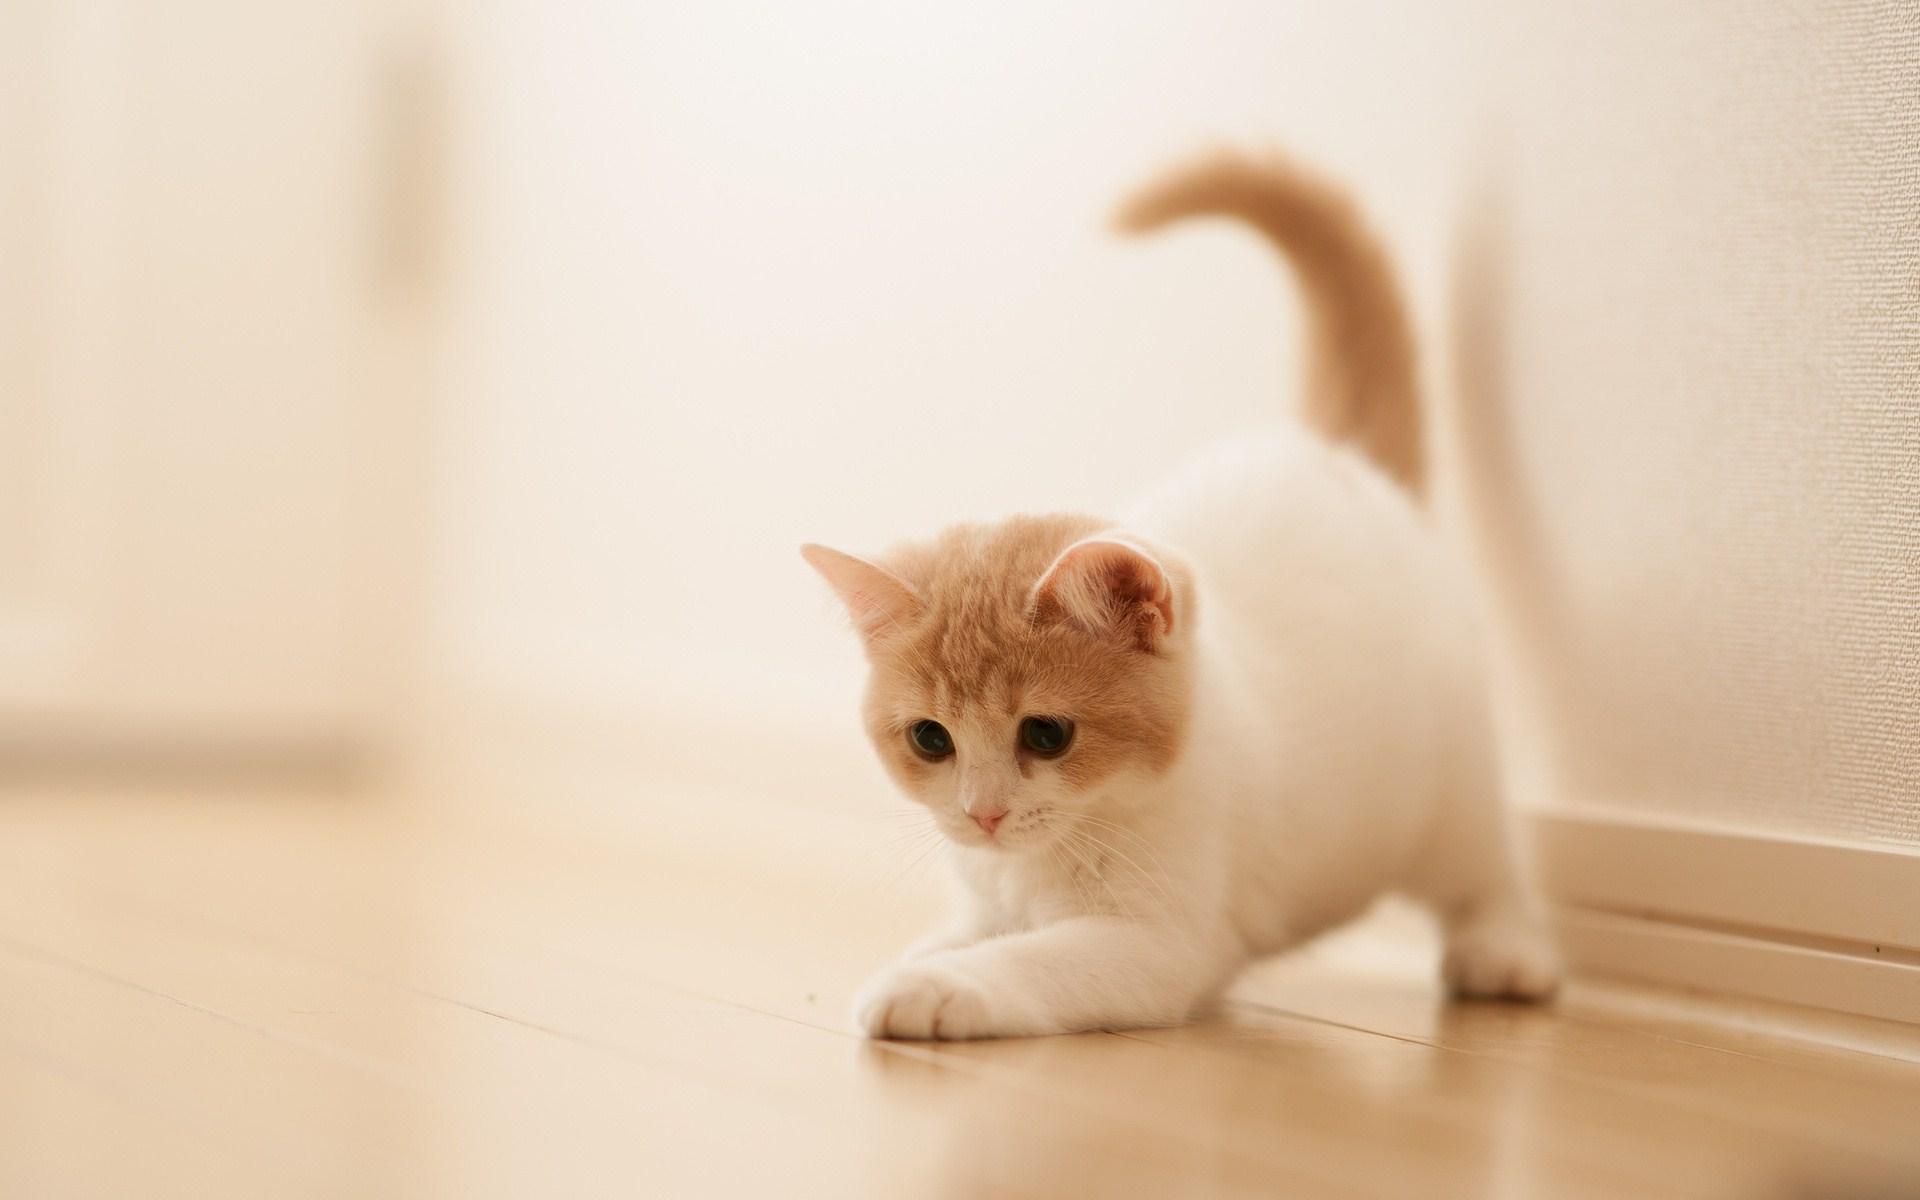 Hình ảnh chú mèo con đáng yêu đang chơi đùa